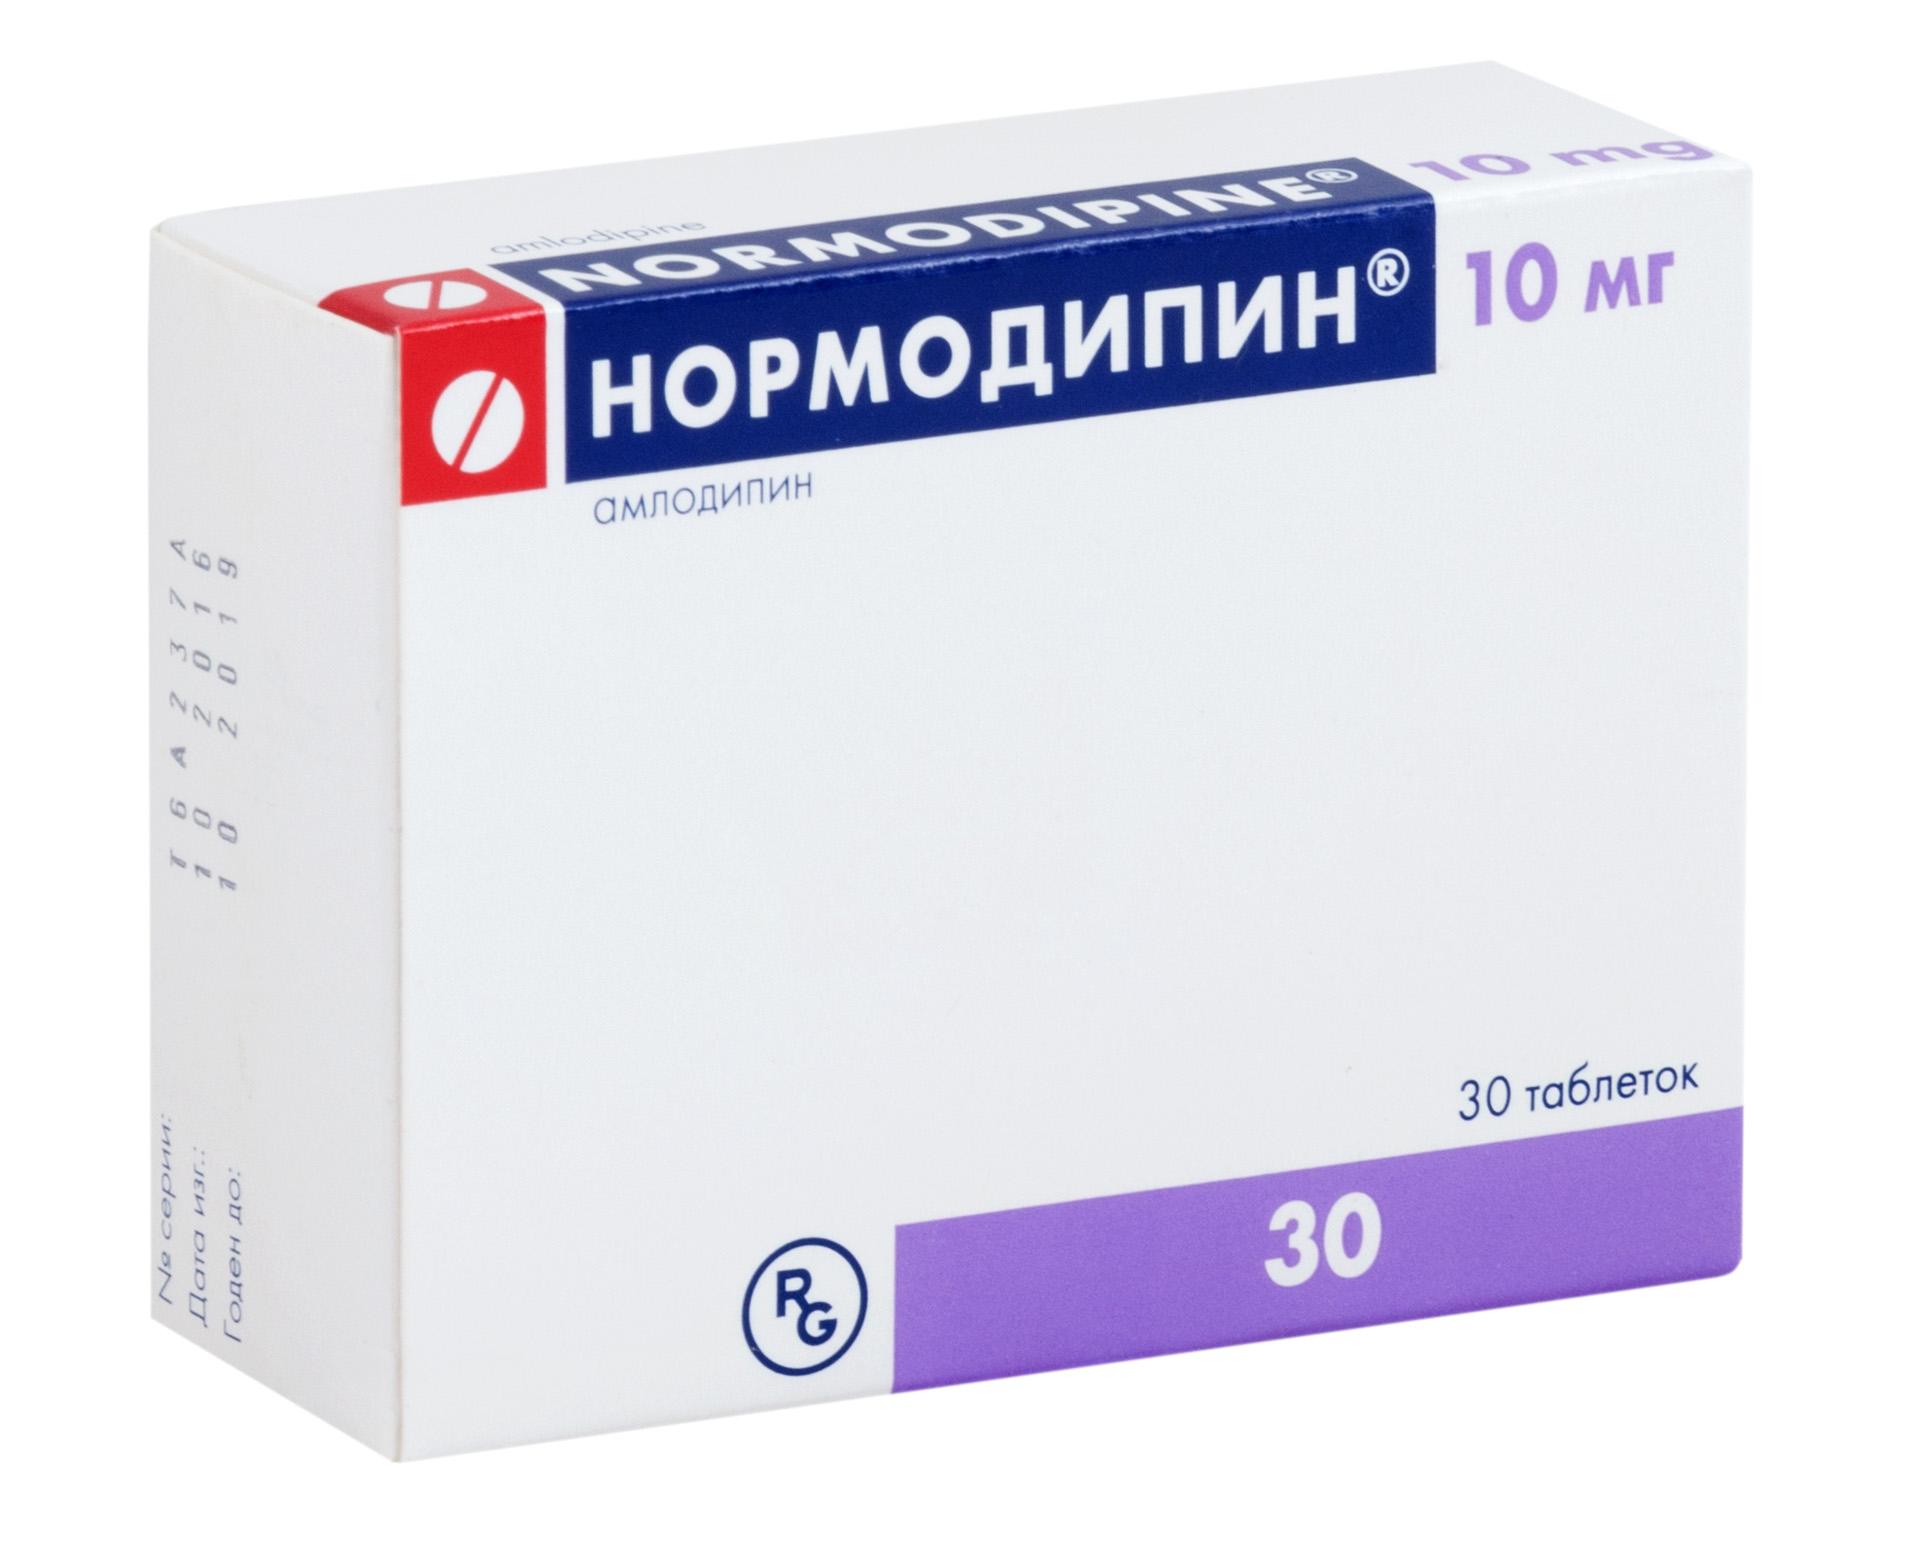 Нормодипин таб. 10мг n30